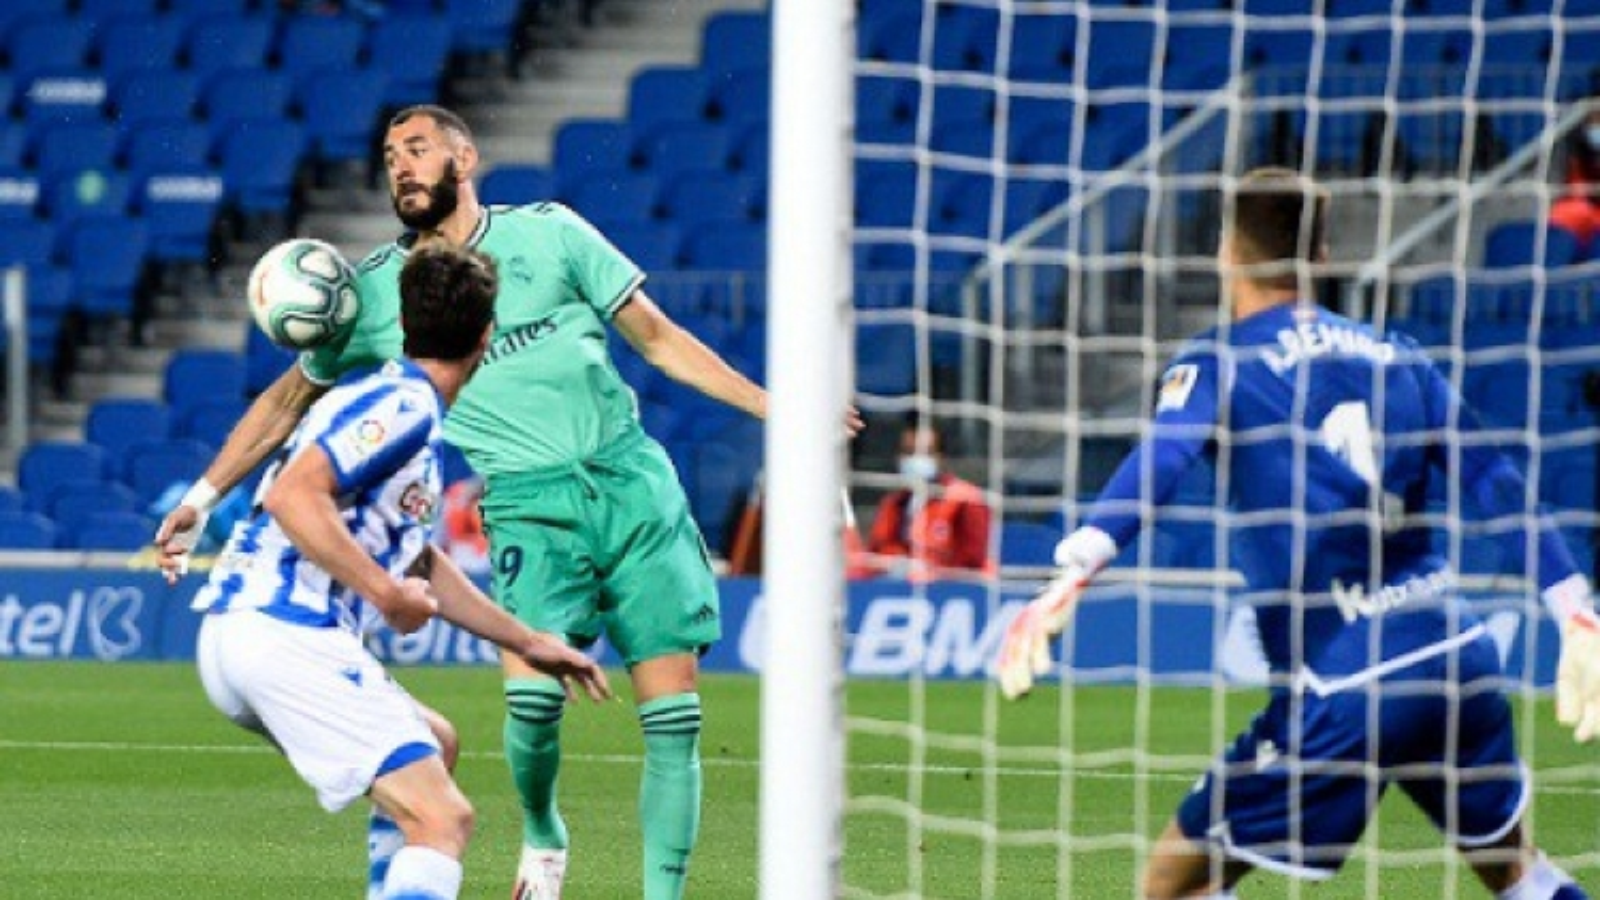 Real Madrid - Getafe: Gieo sầu cho hàng xóm và hơn thế nữa